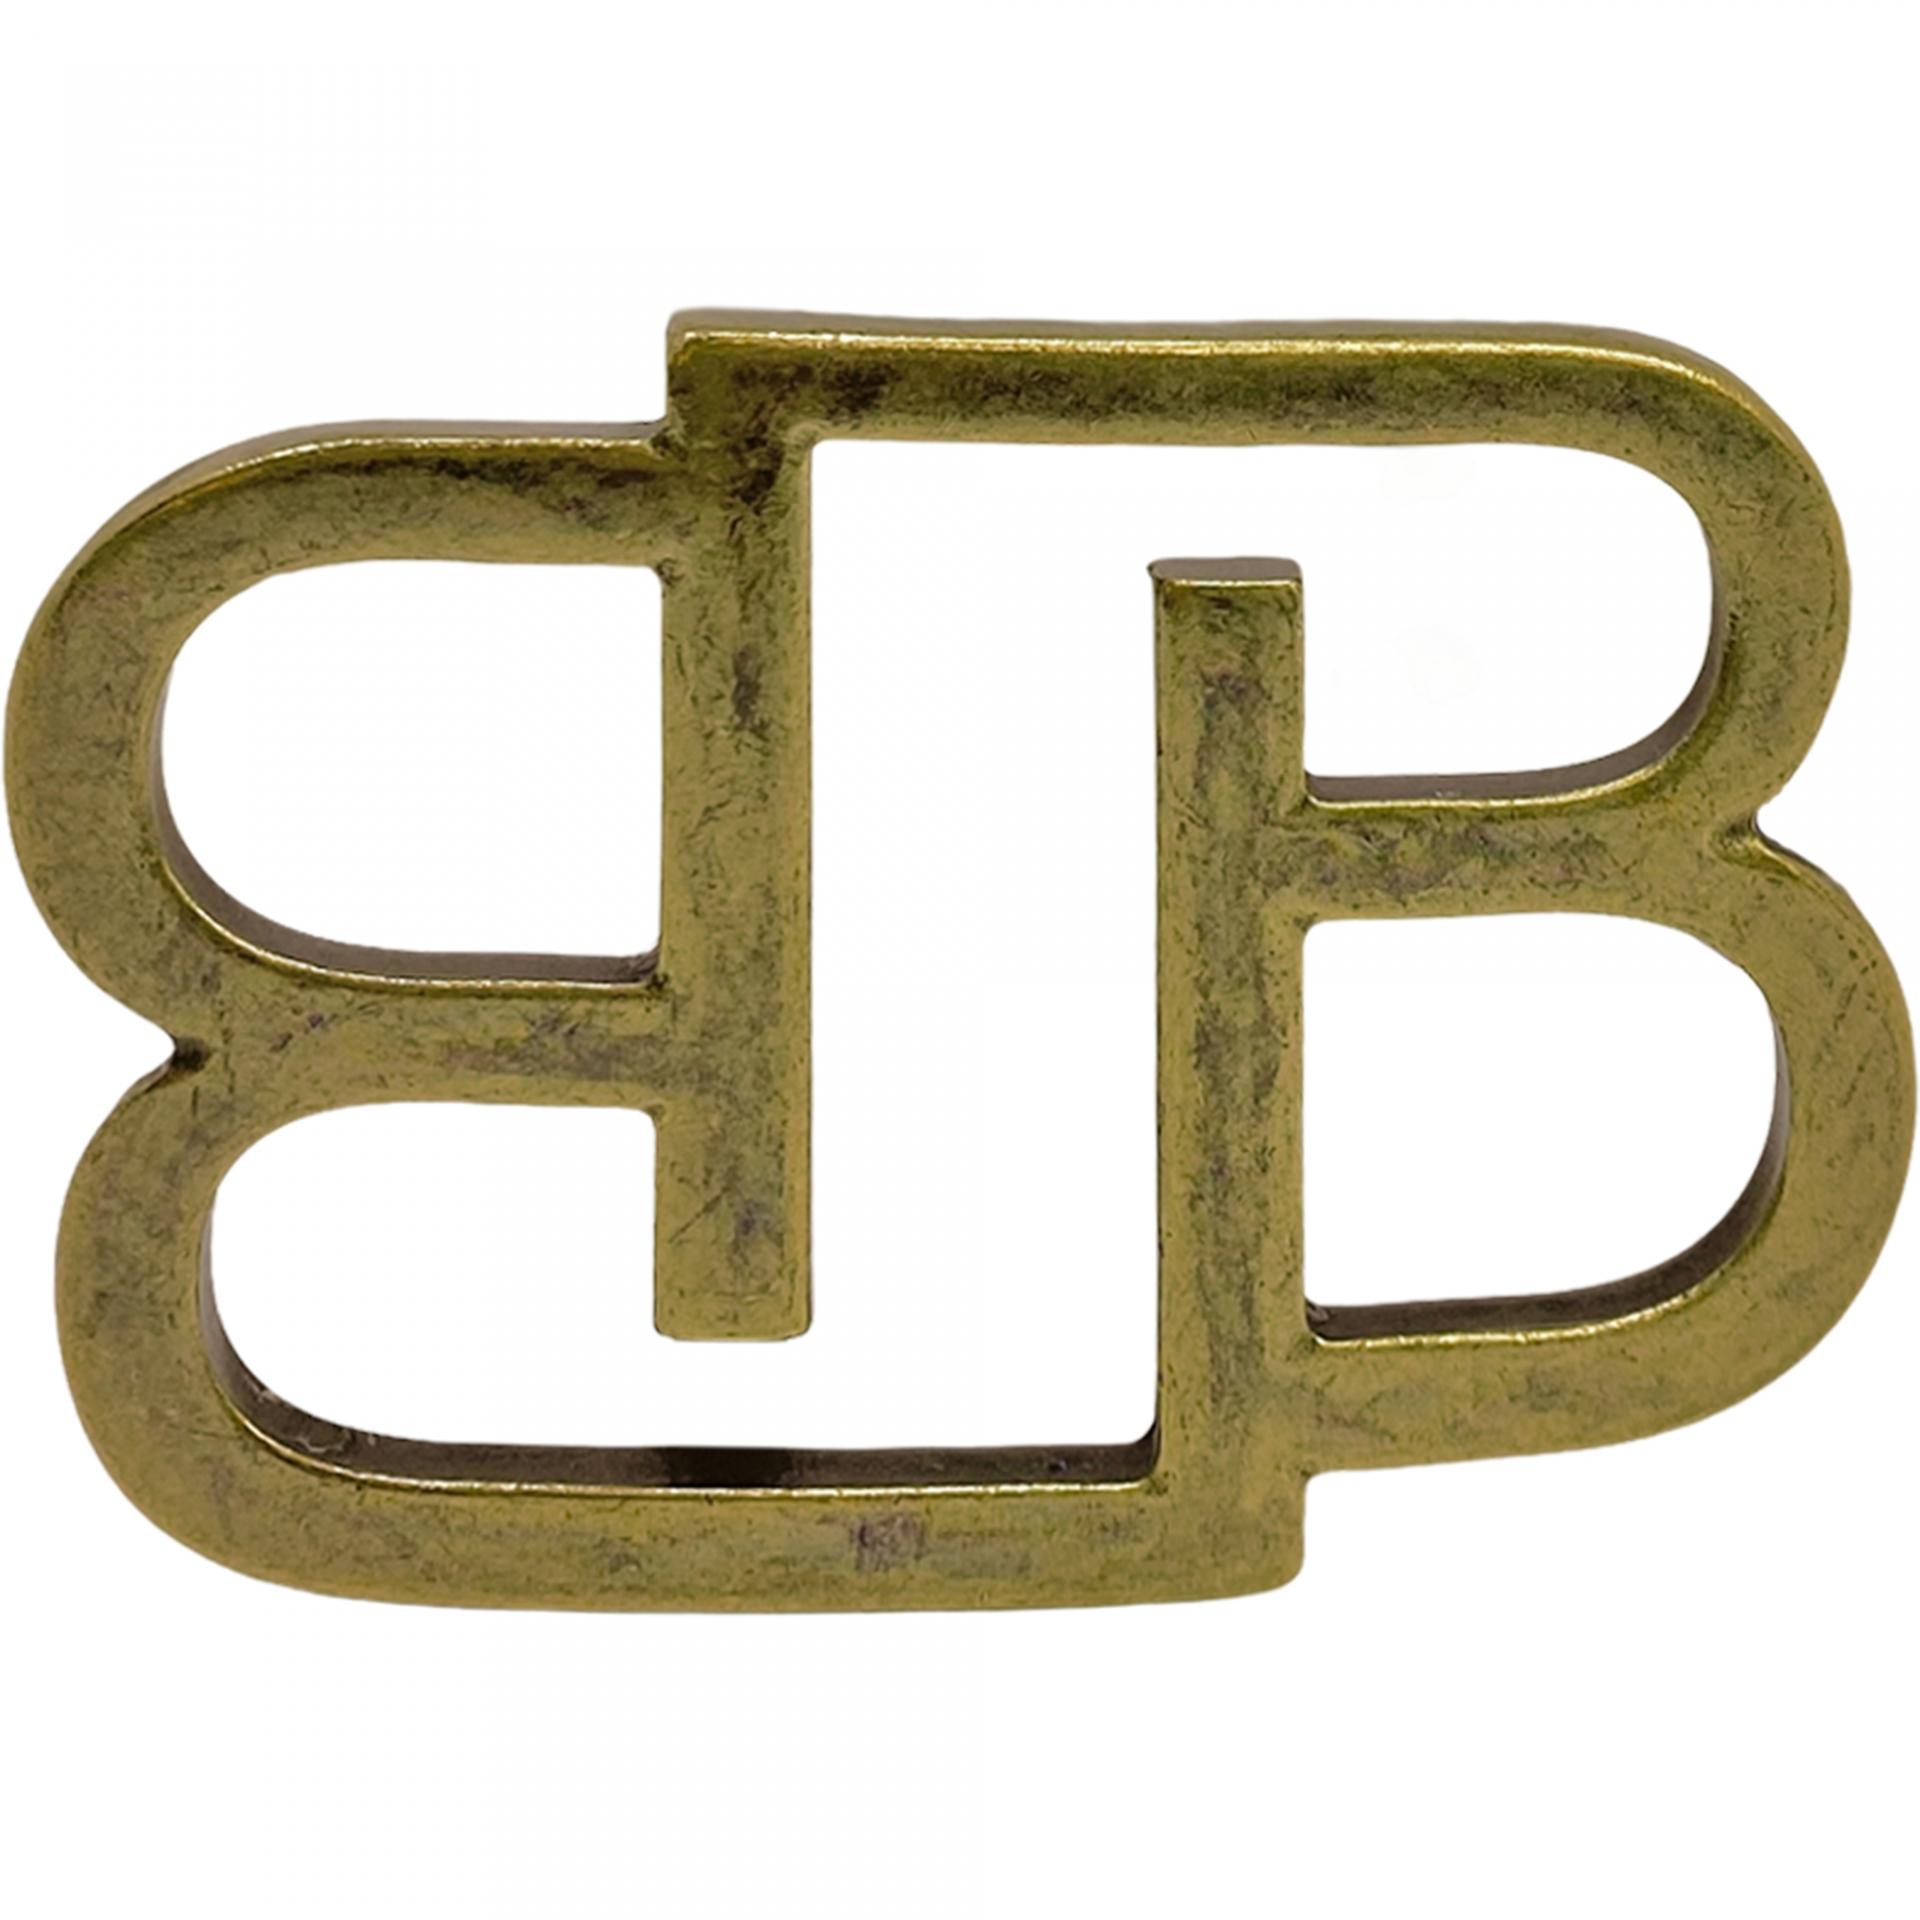 BB Buckle nickel free 35 mm, antique brass